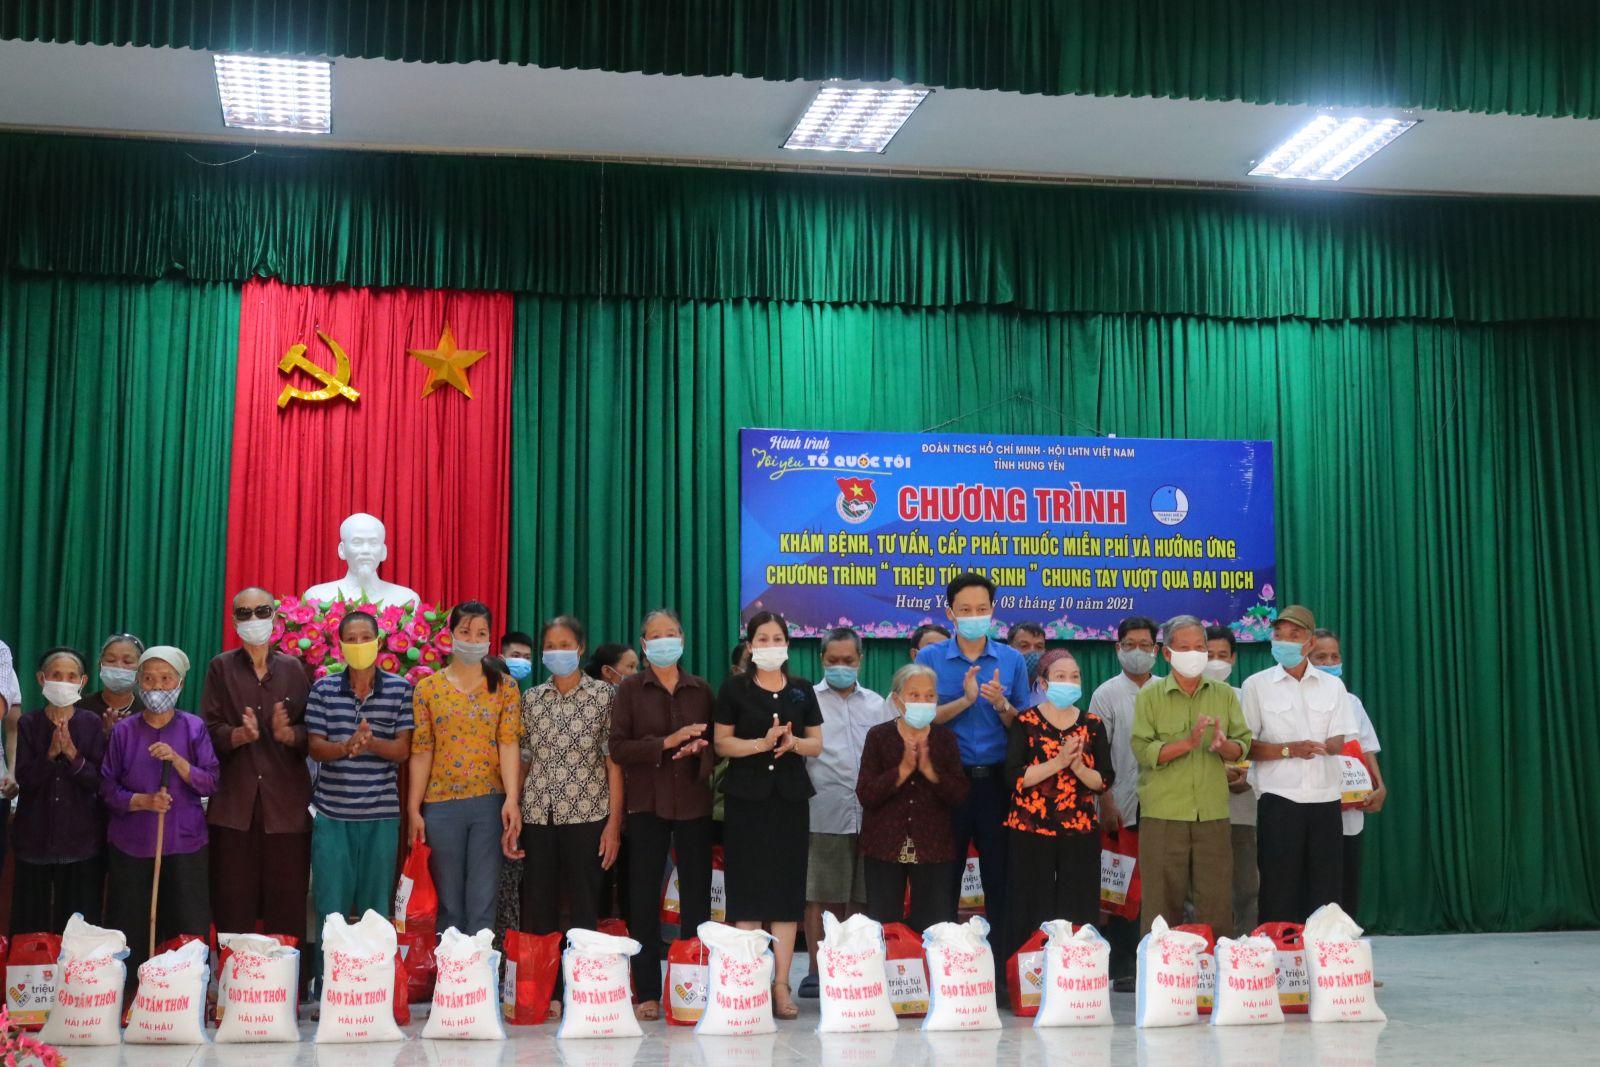 Hội Liên hiệp thanh niên Việt Nam tỉnh, Ban Thường vụ Tỉnh đoàn tặng quà, khám bệnh, tư vấn và cấp thuốc miễn phí chào mừng  65 năm Ngày thành lập Hội LHTN Việt Nam  (15/10/1956 - 15/10/2021)